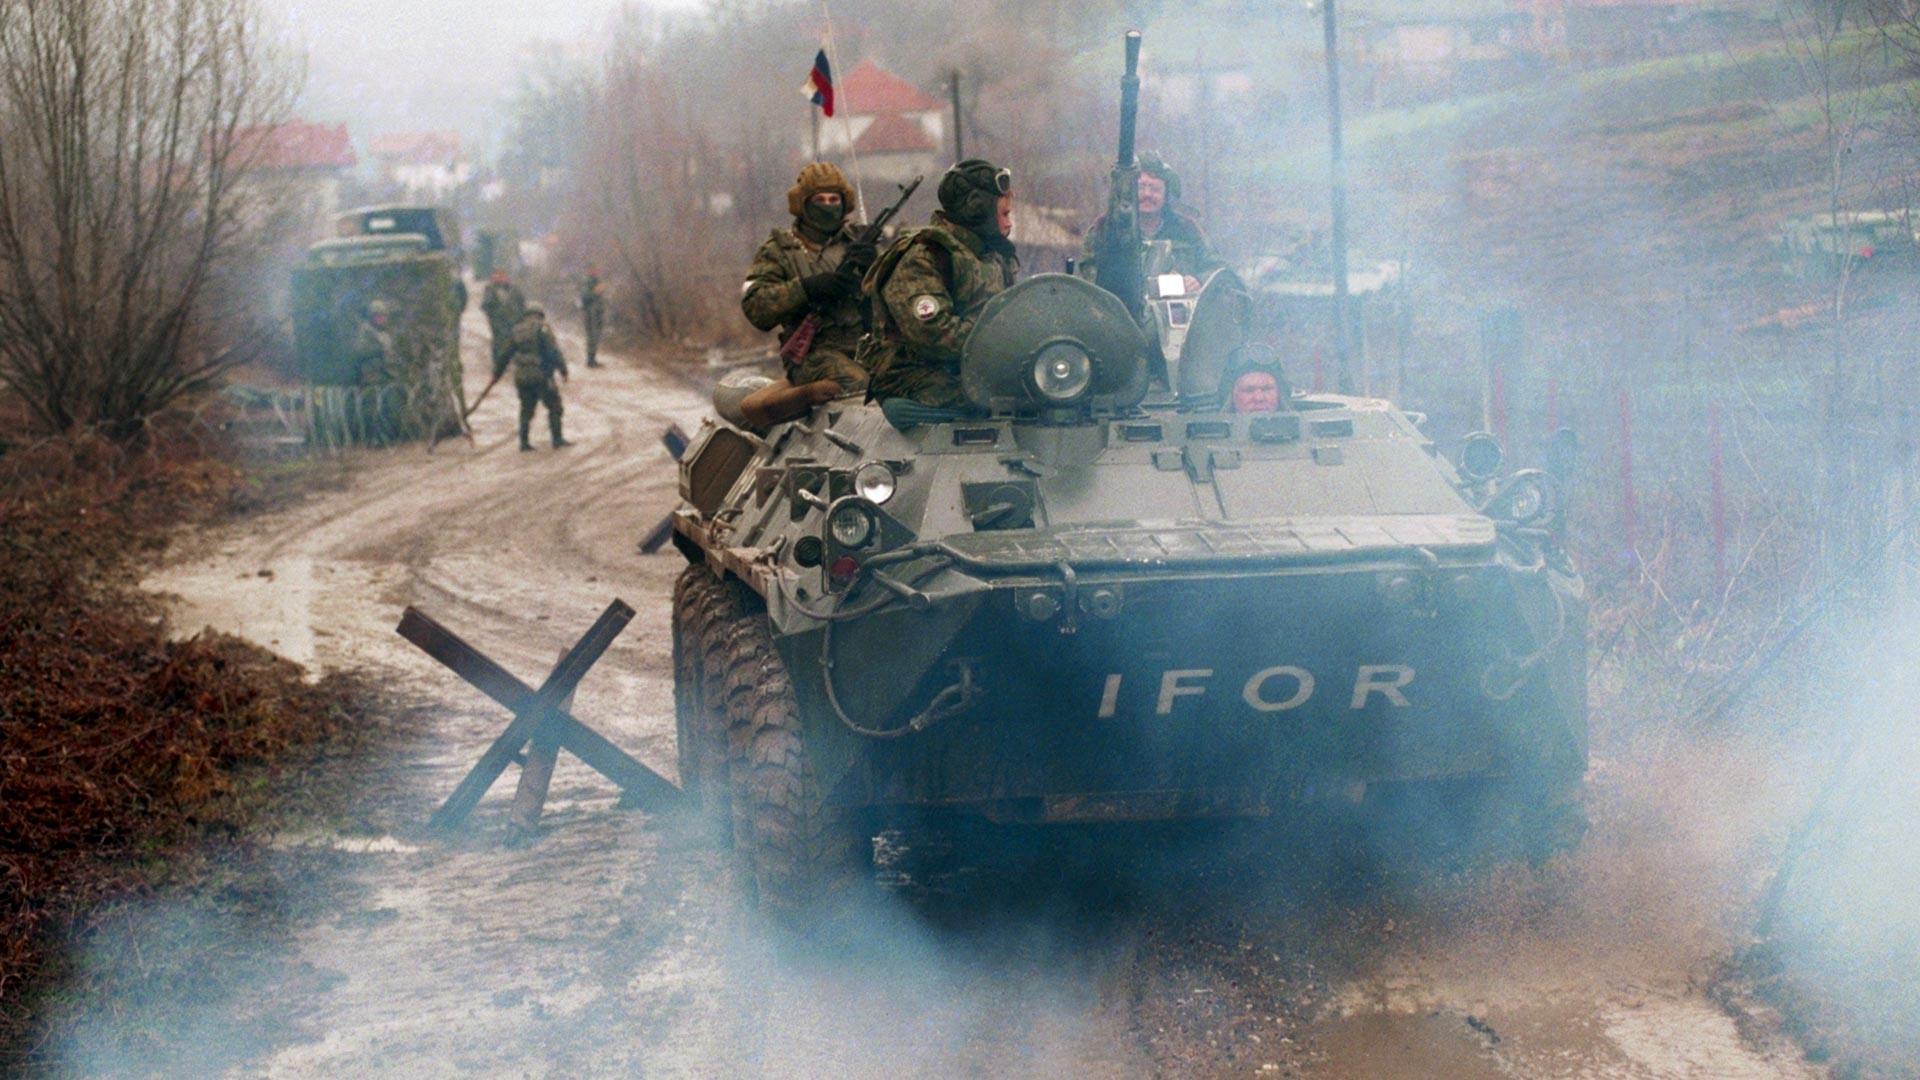 Patrulja pskovskih padalcev v Bosni leta 1996